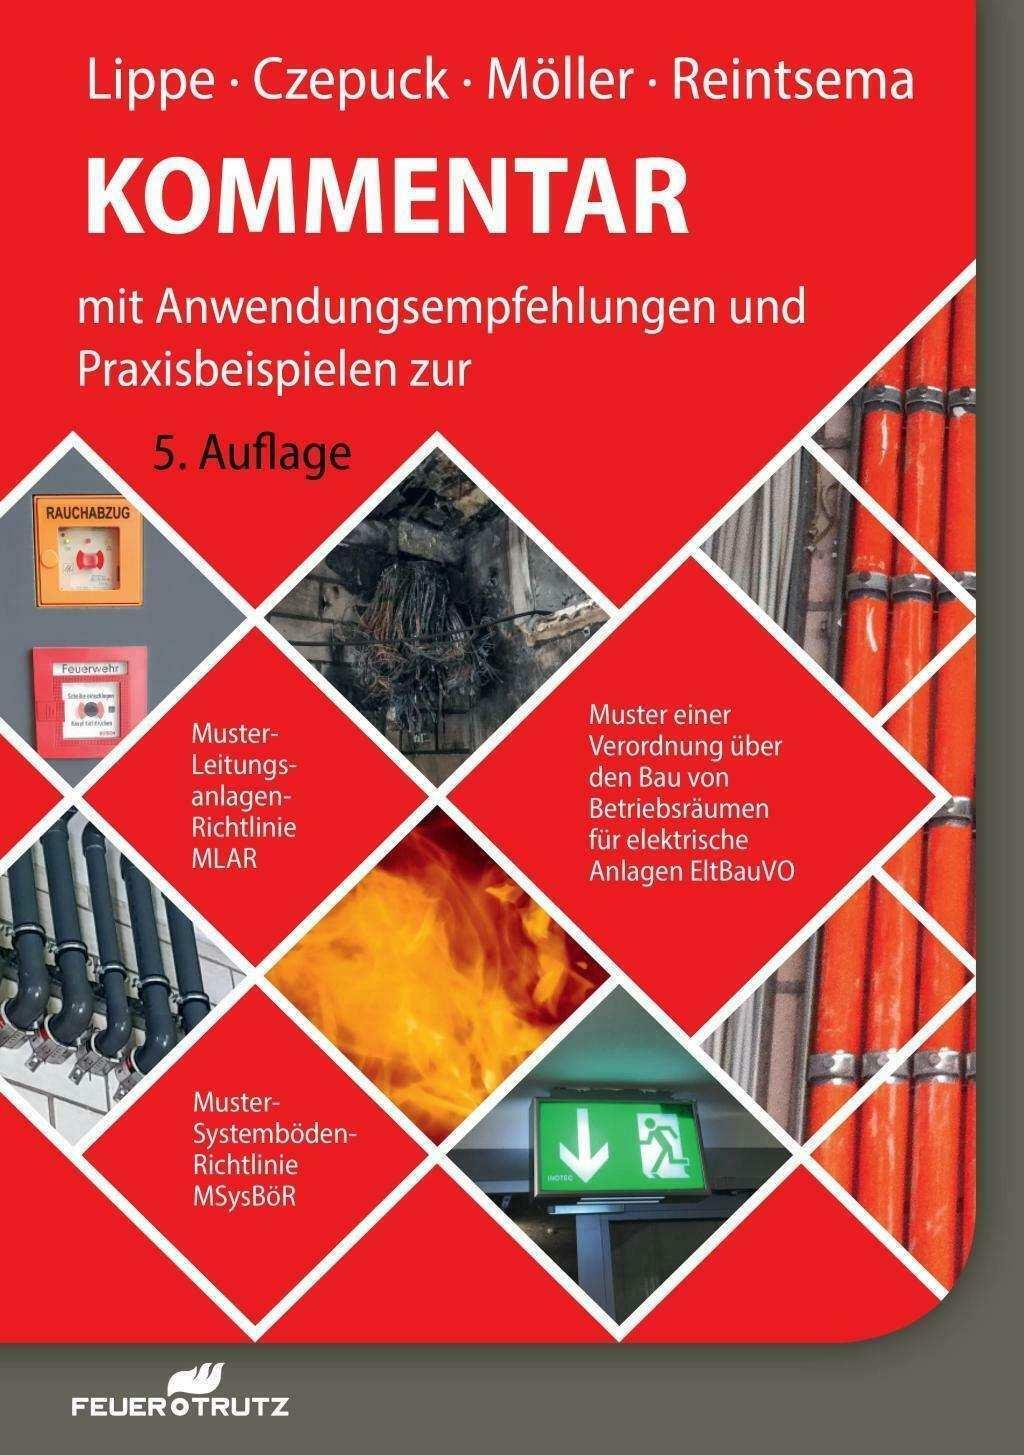 Kommentar Zur Muster Leitungsanlagen Richtlinie Mlar Von Manfred Lippe 2018 Taschenbuch Gunstig Kaufen Ebay